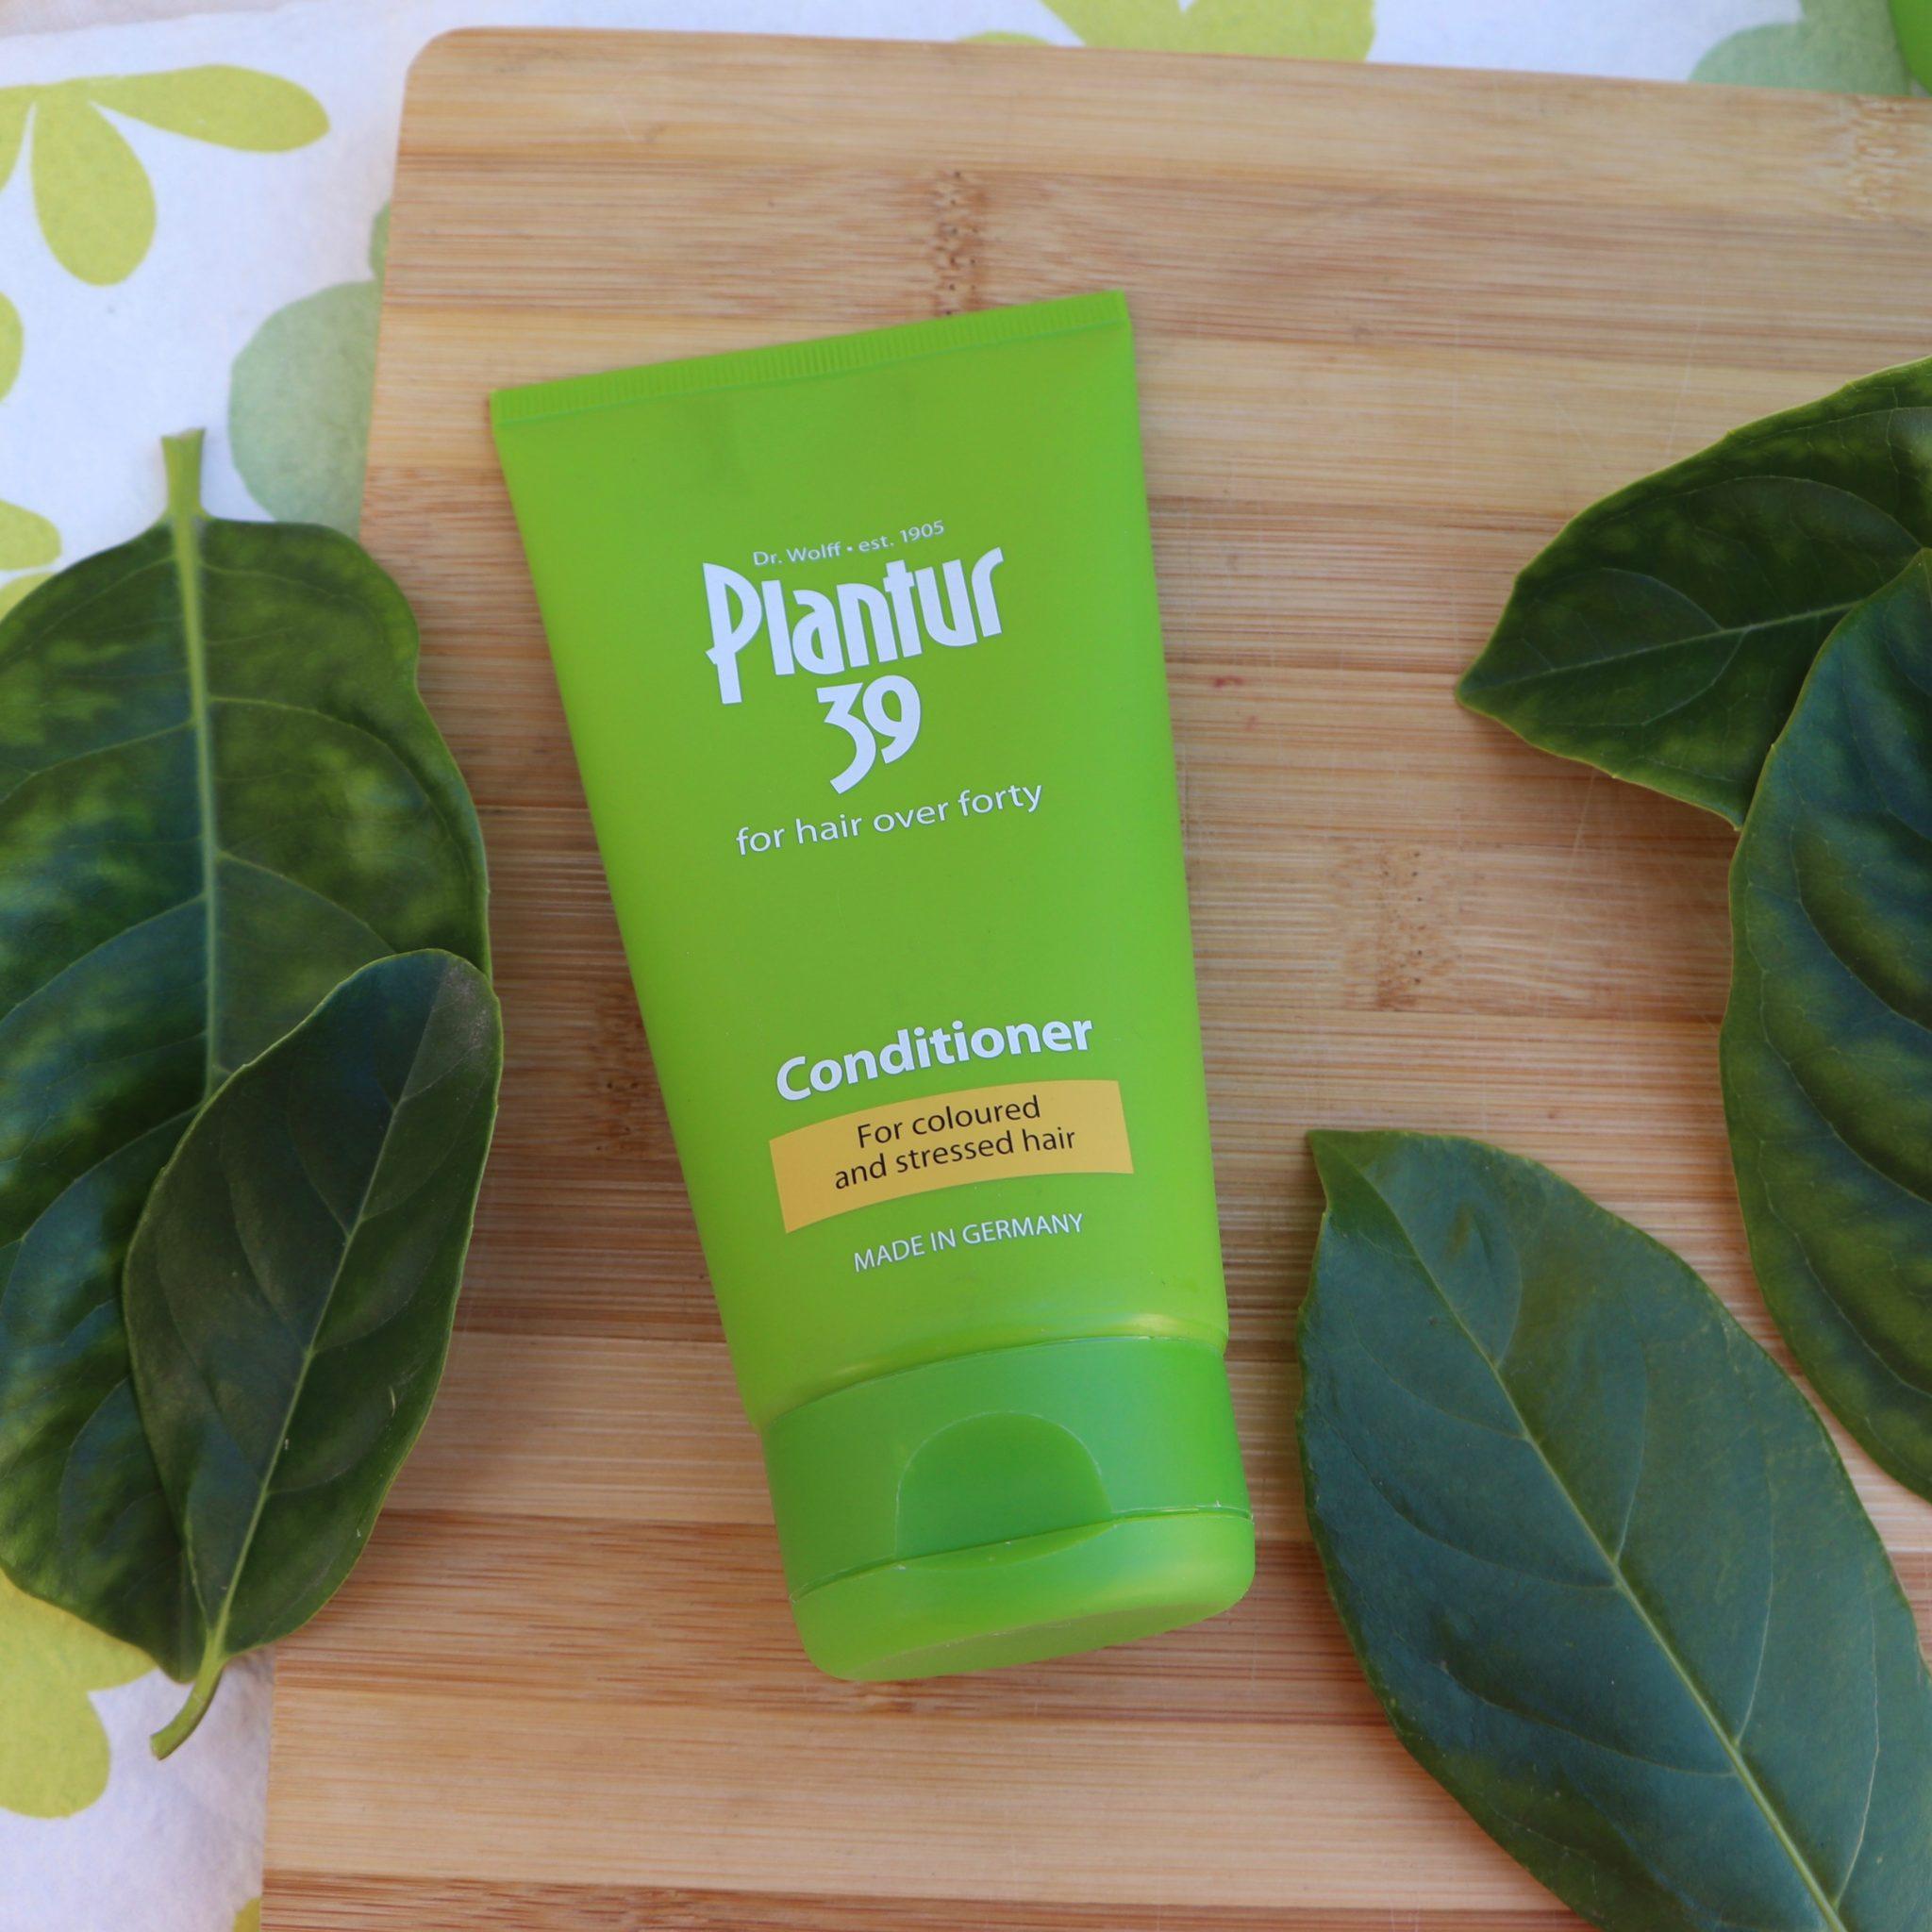 Plantur39 Conditioner